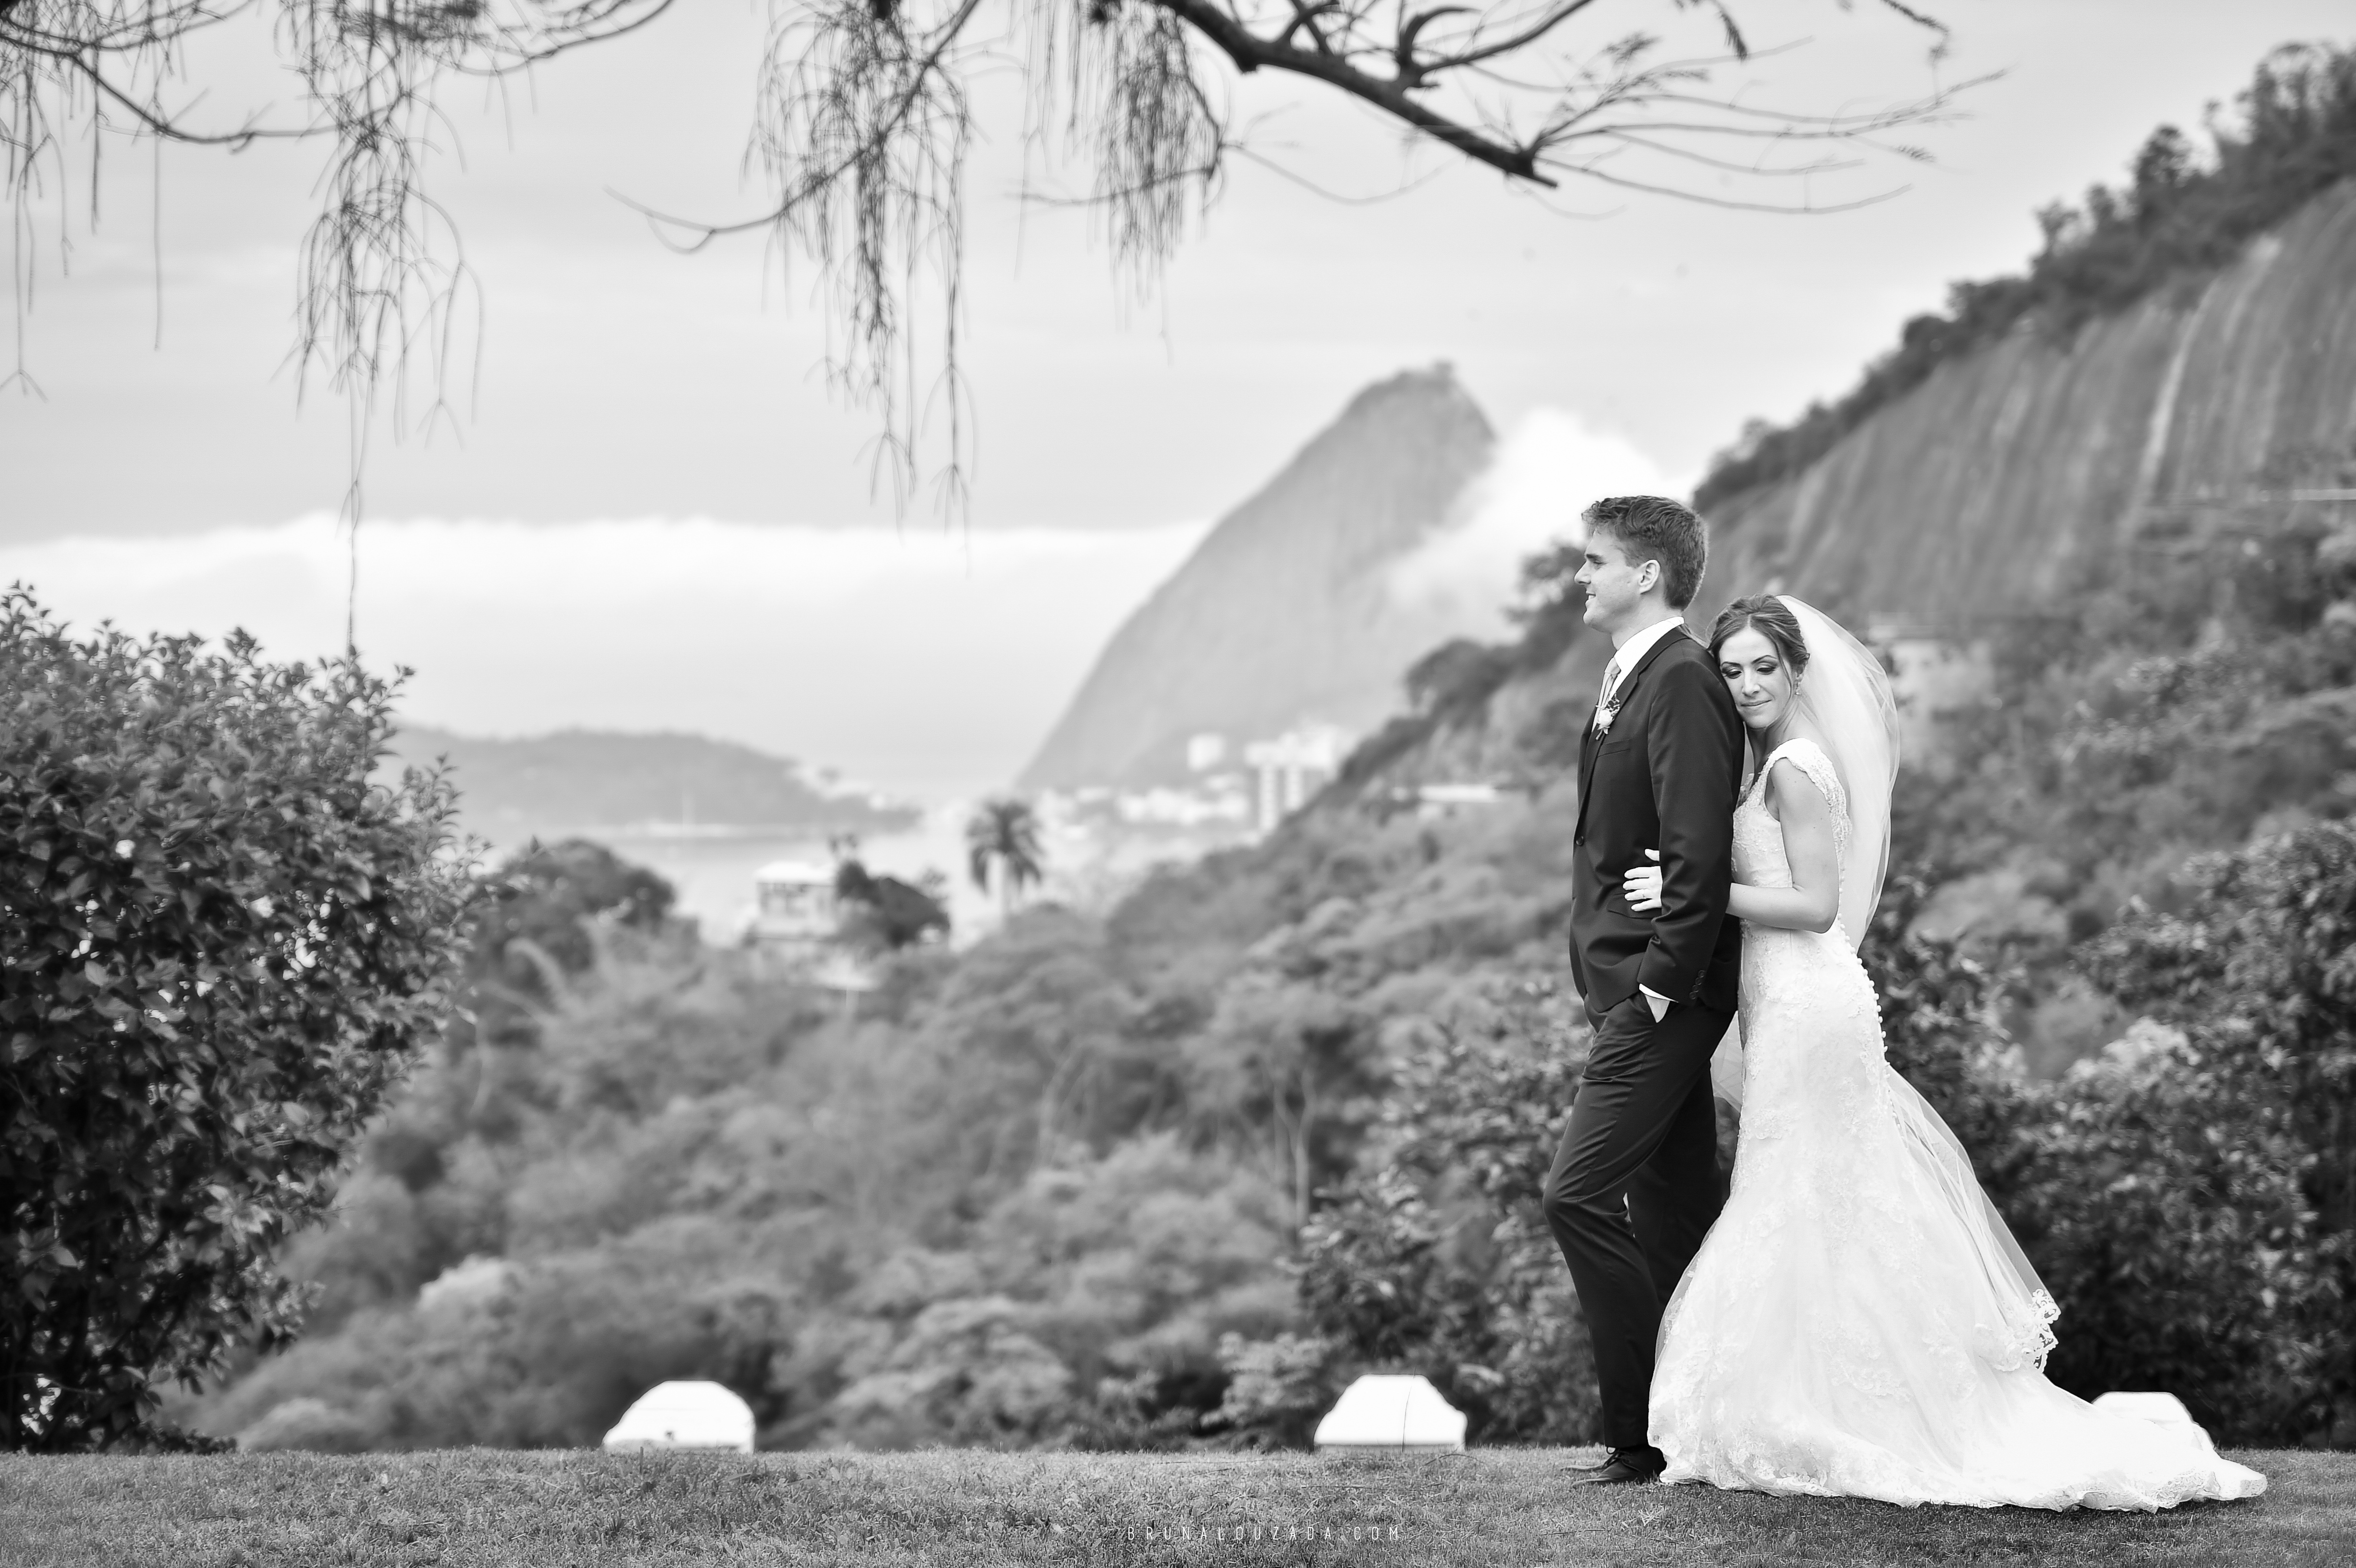 Contate Bruna Louzada | Fotografia de casamentos Rio de Janeiro - RJ